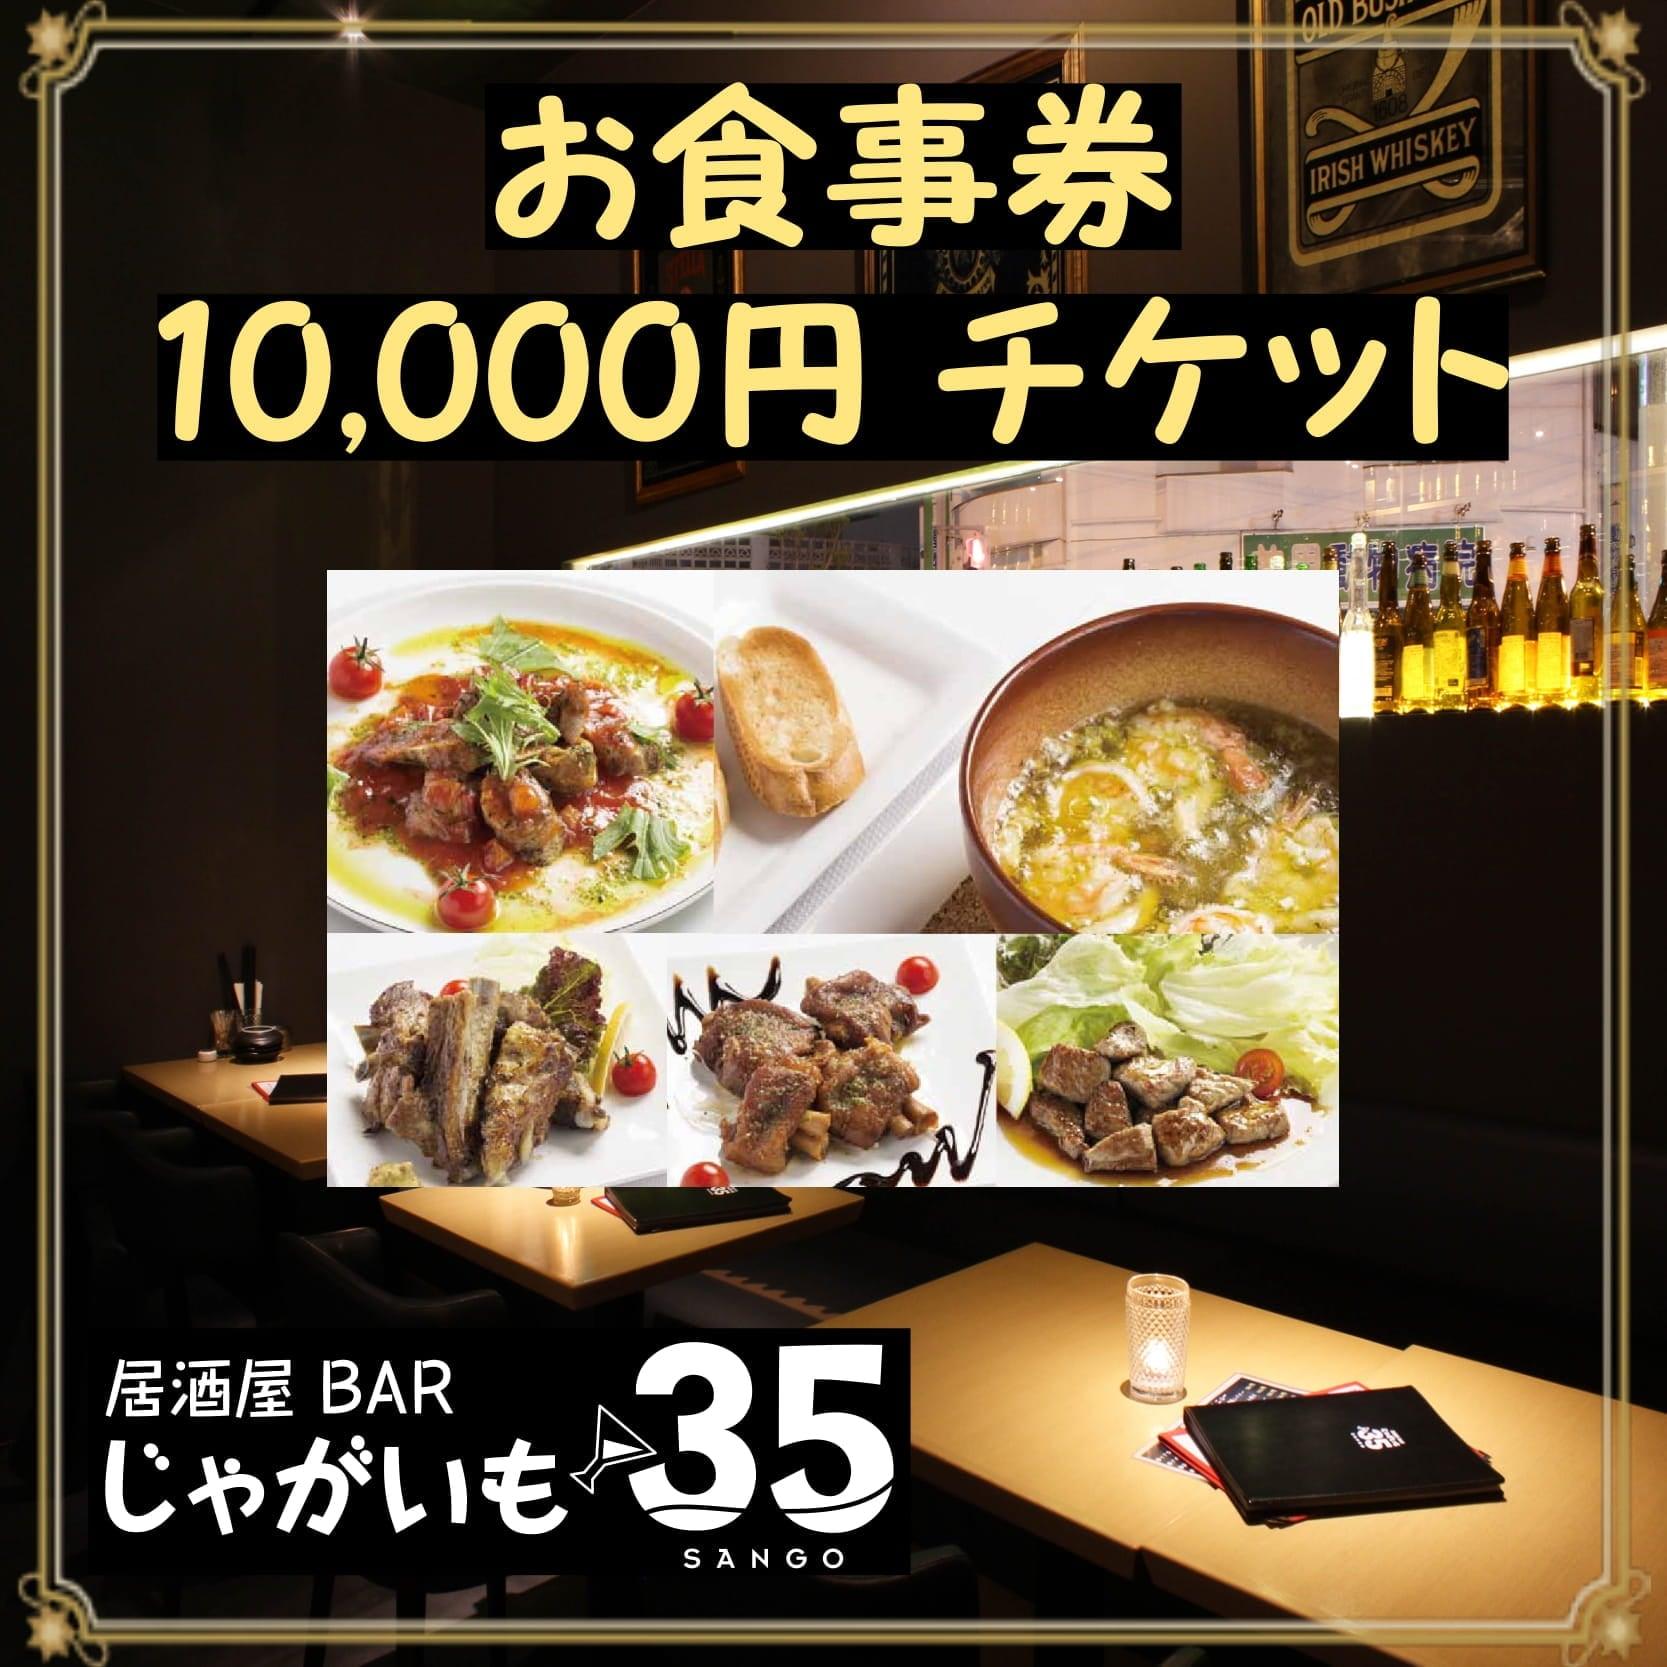 【現地払い専用】お食事券10,000円のイメージその1